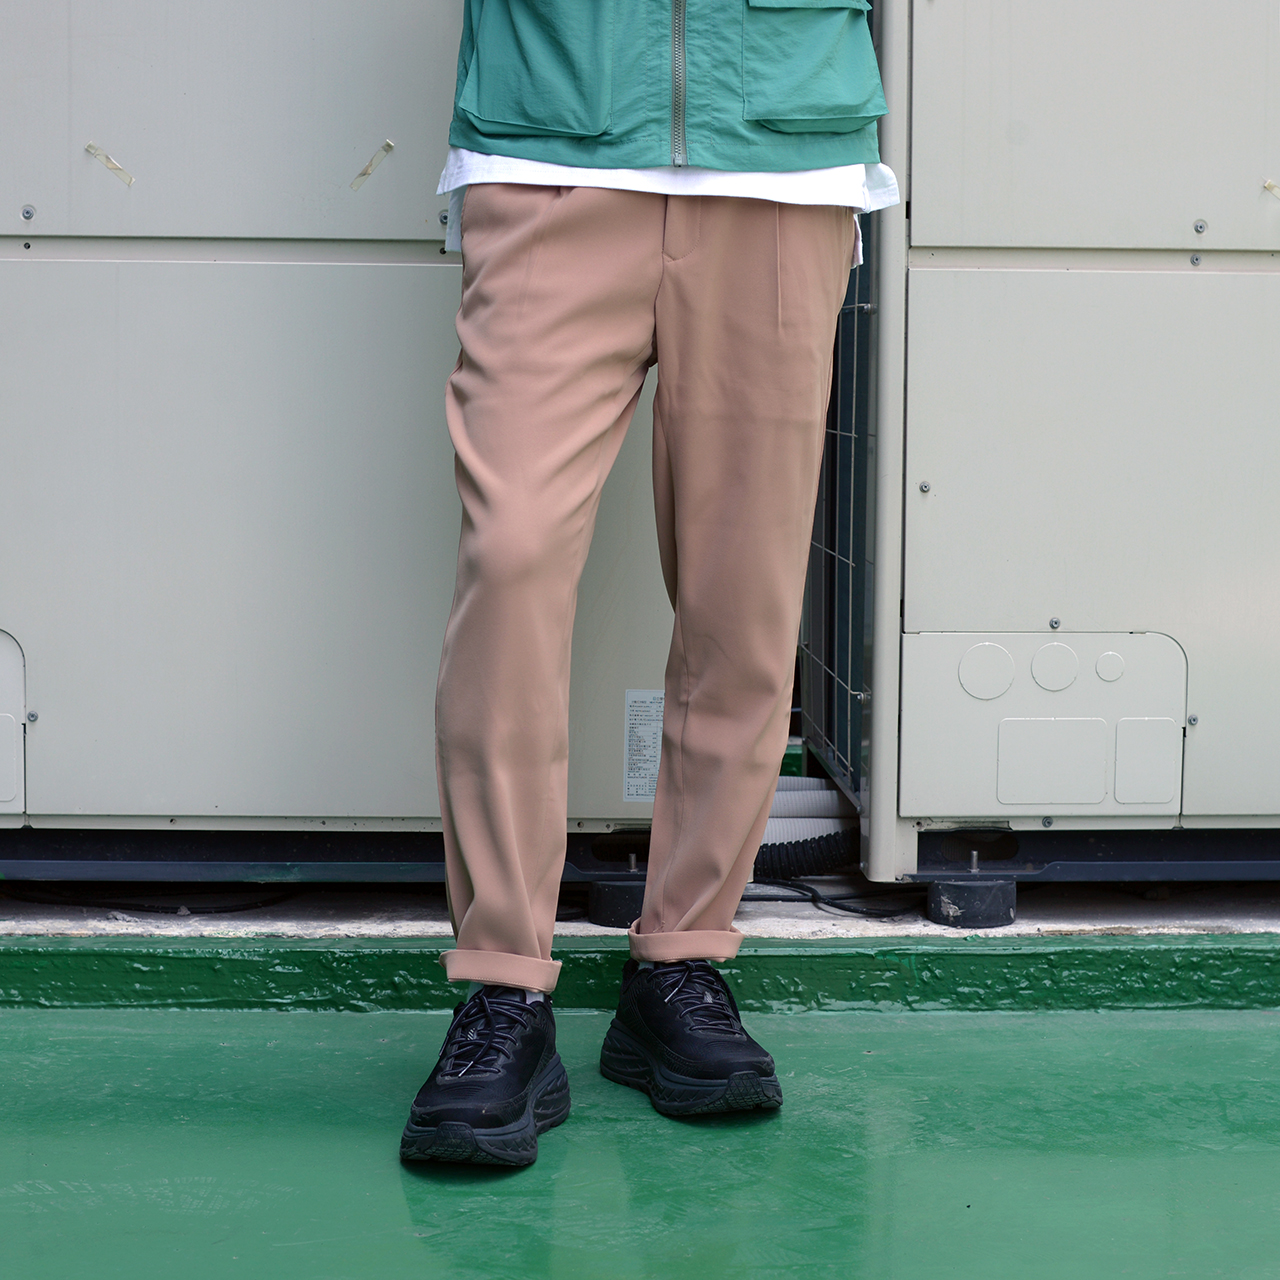 夏天穿搭,夏季穿搭,男生穿搭,街頭,西裝,休閒搭配,akko,akko 褲,一週搭配,街頭搭配,搭配型人,街頭型人,皮鞋,成套,AKKO褲,微寬褲,COP3563,1616 easy 長褲,New Balance M990v5,New Balance,春季穿搭,春天穿搭,春夏穿搭